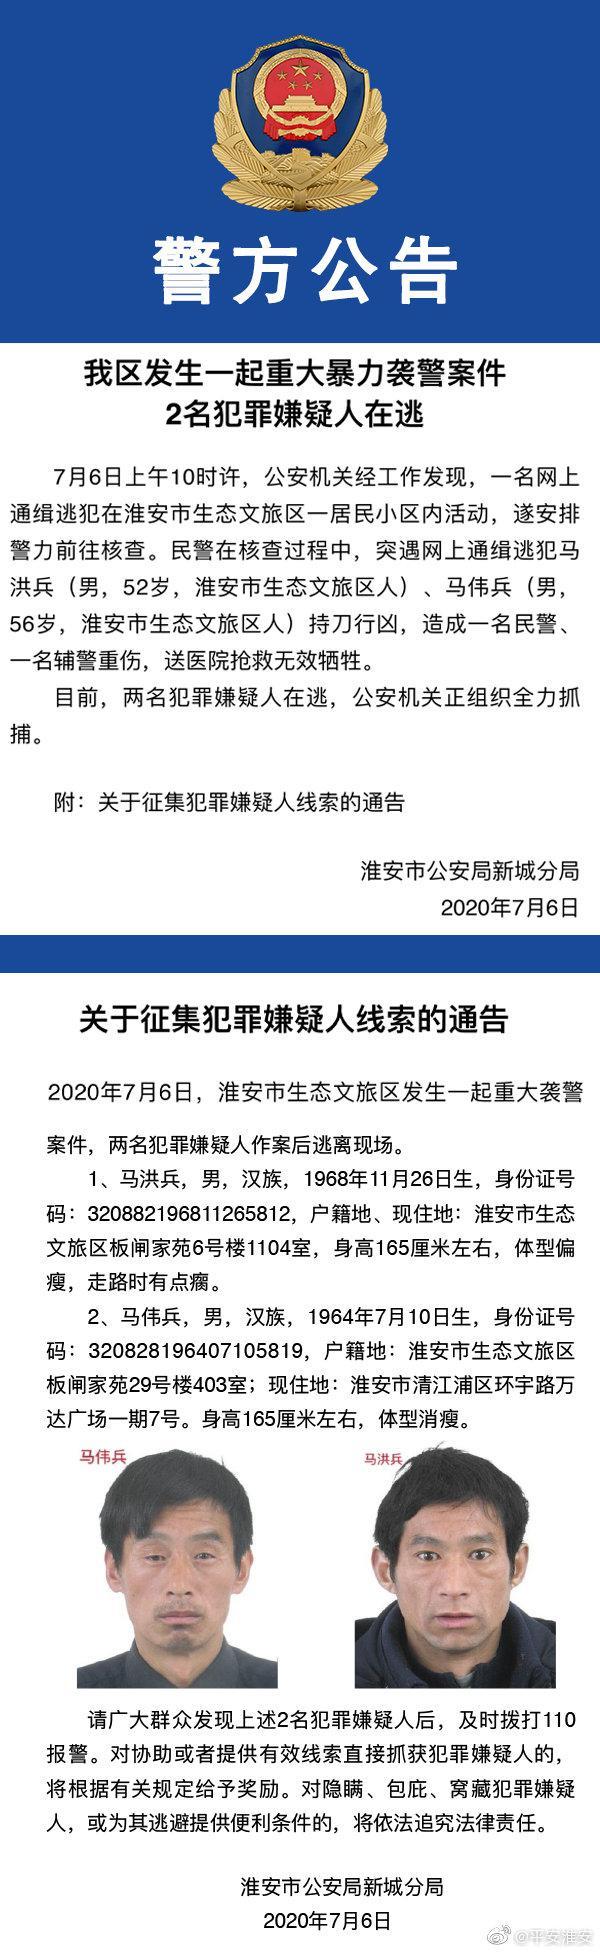 赢咖3登录苏淮安发生暴赢咖3登录力袭警案2名警图片